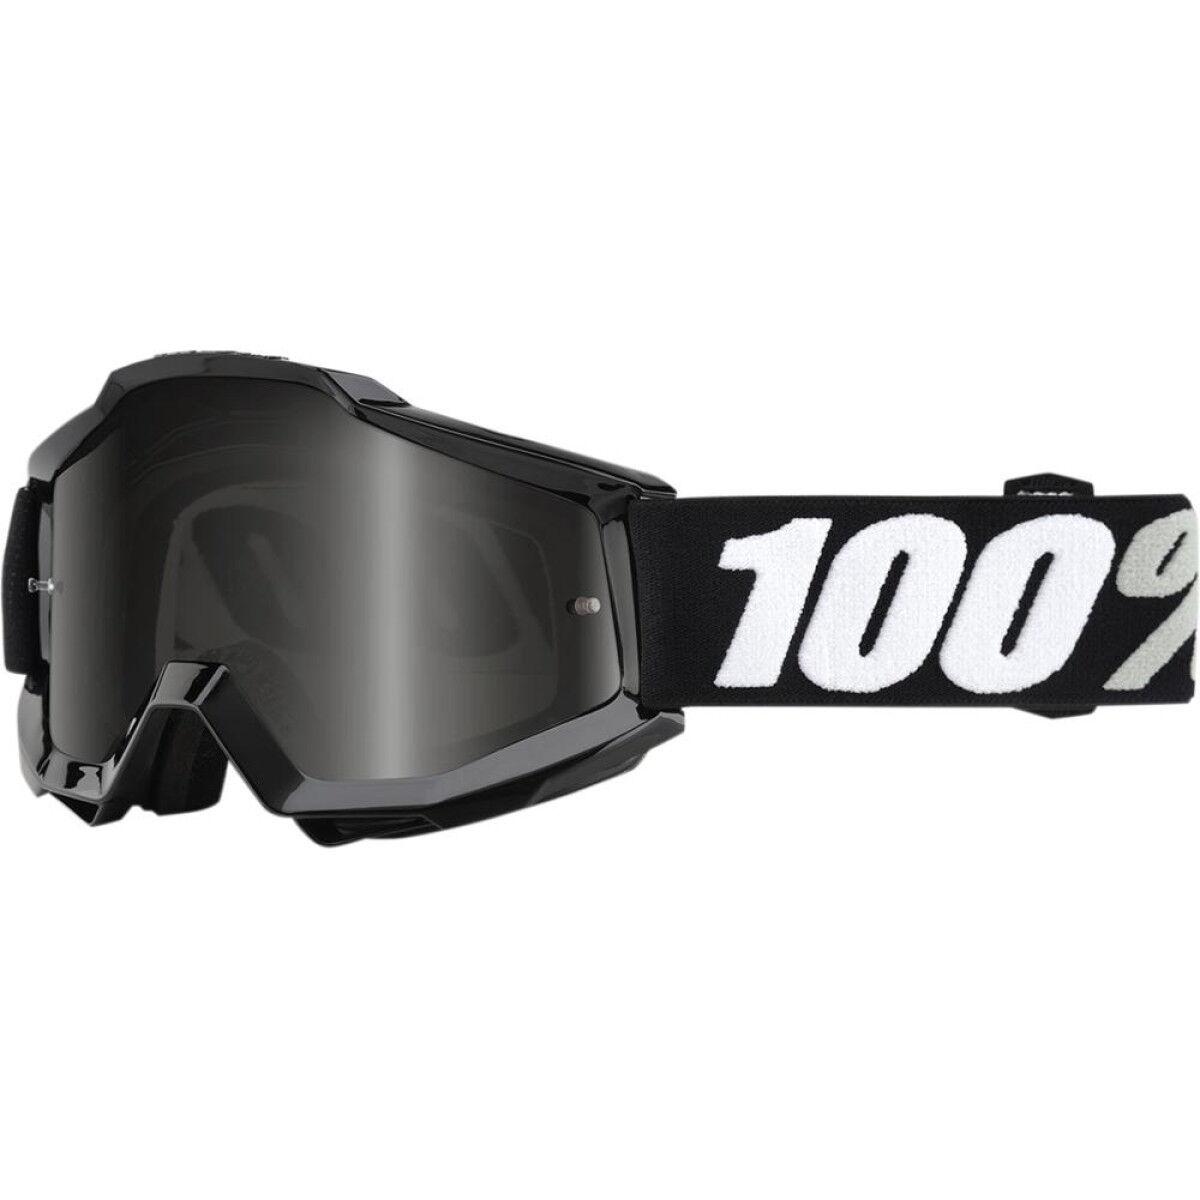 Goggles verspiegelt❗️❗️ 0741 Husqvarna Crossbrille 100/% Endurobrille Racecraft